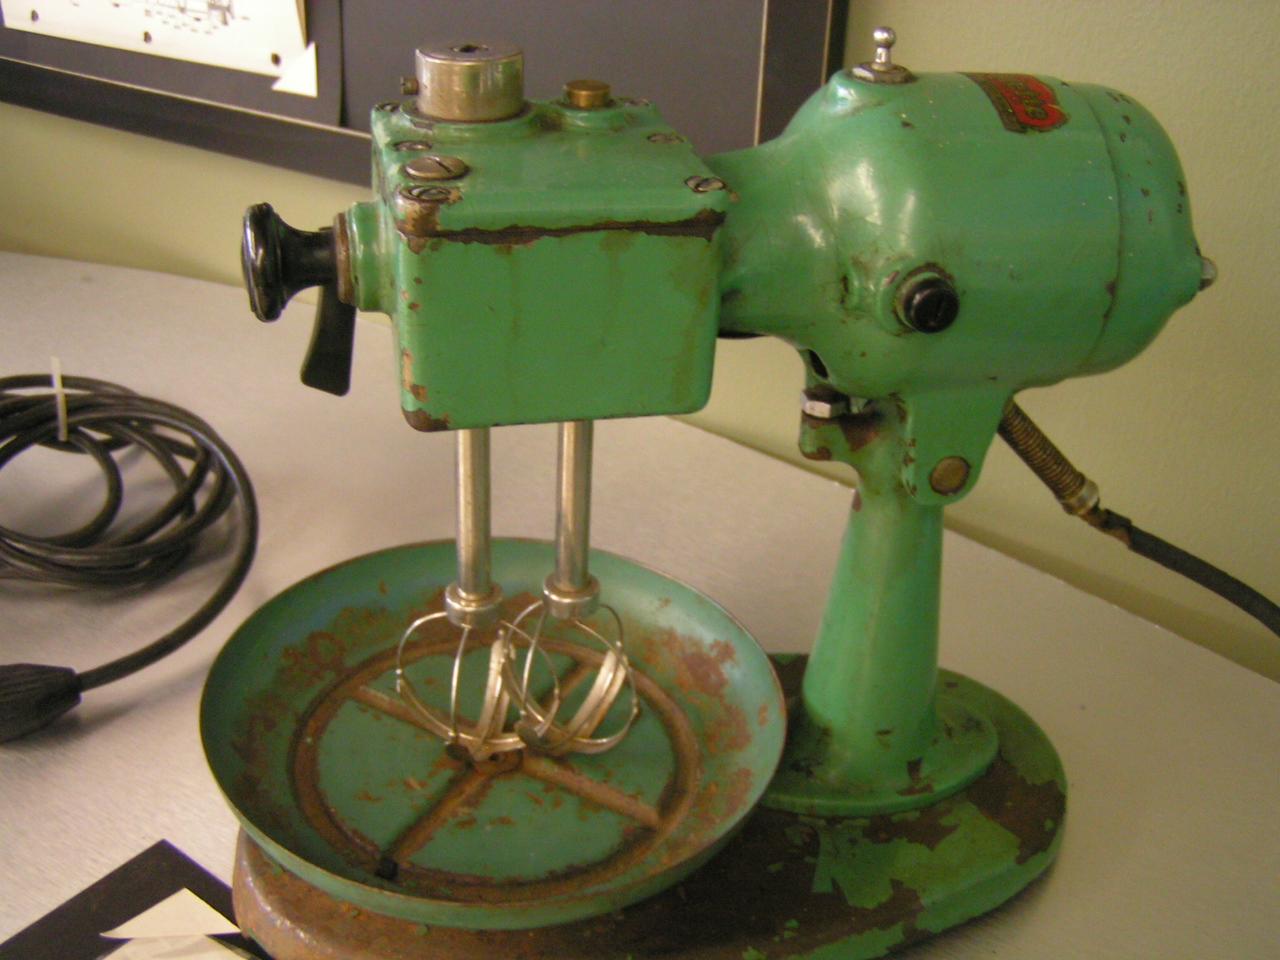 kuchyňské roboty KitchenAid se vyrábějí v USA